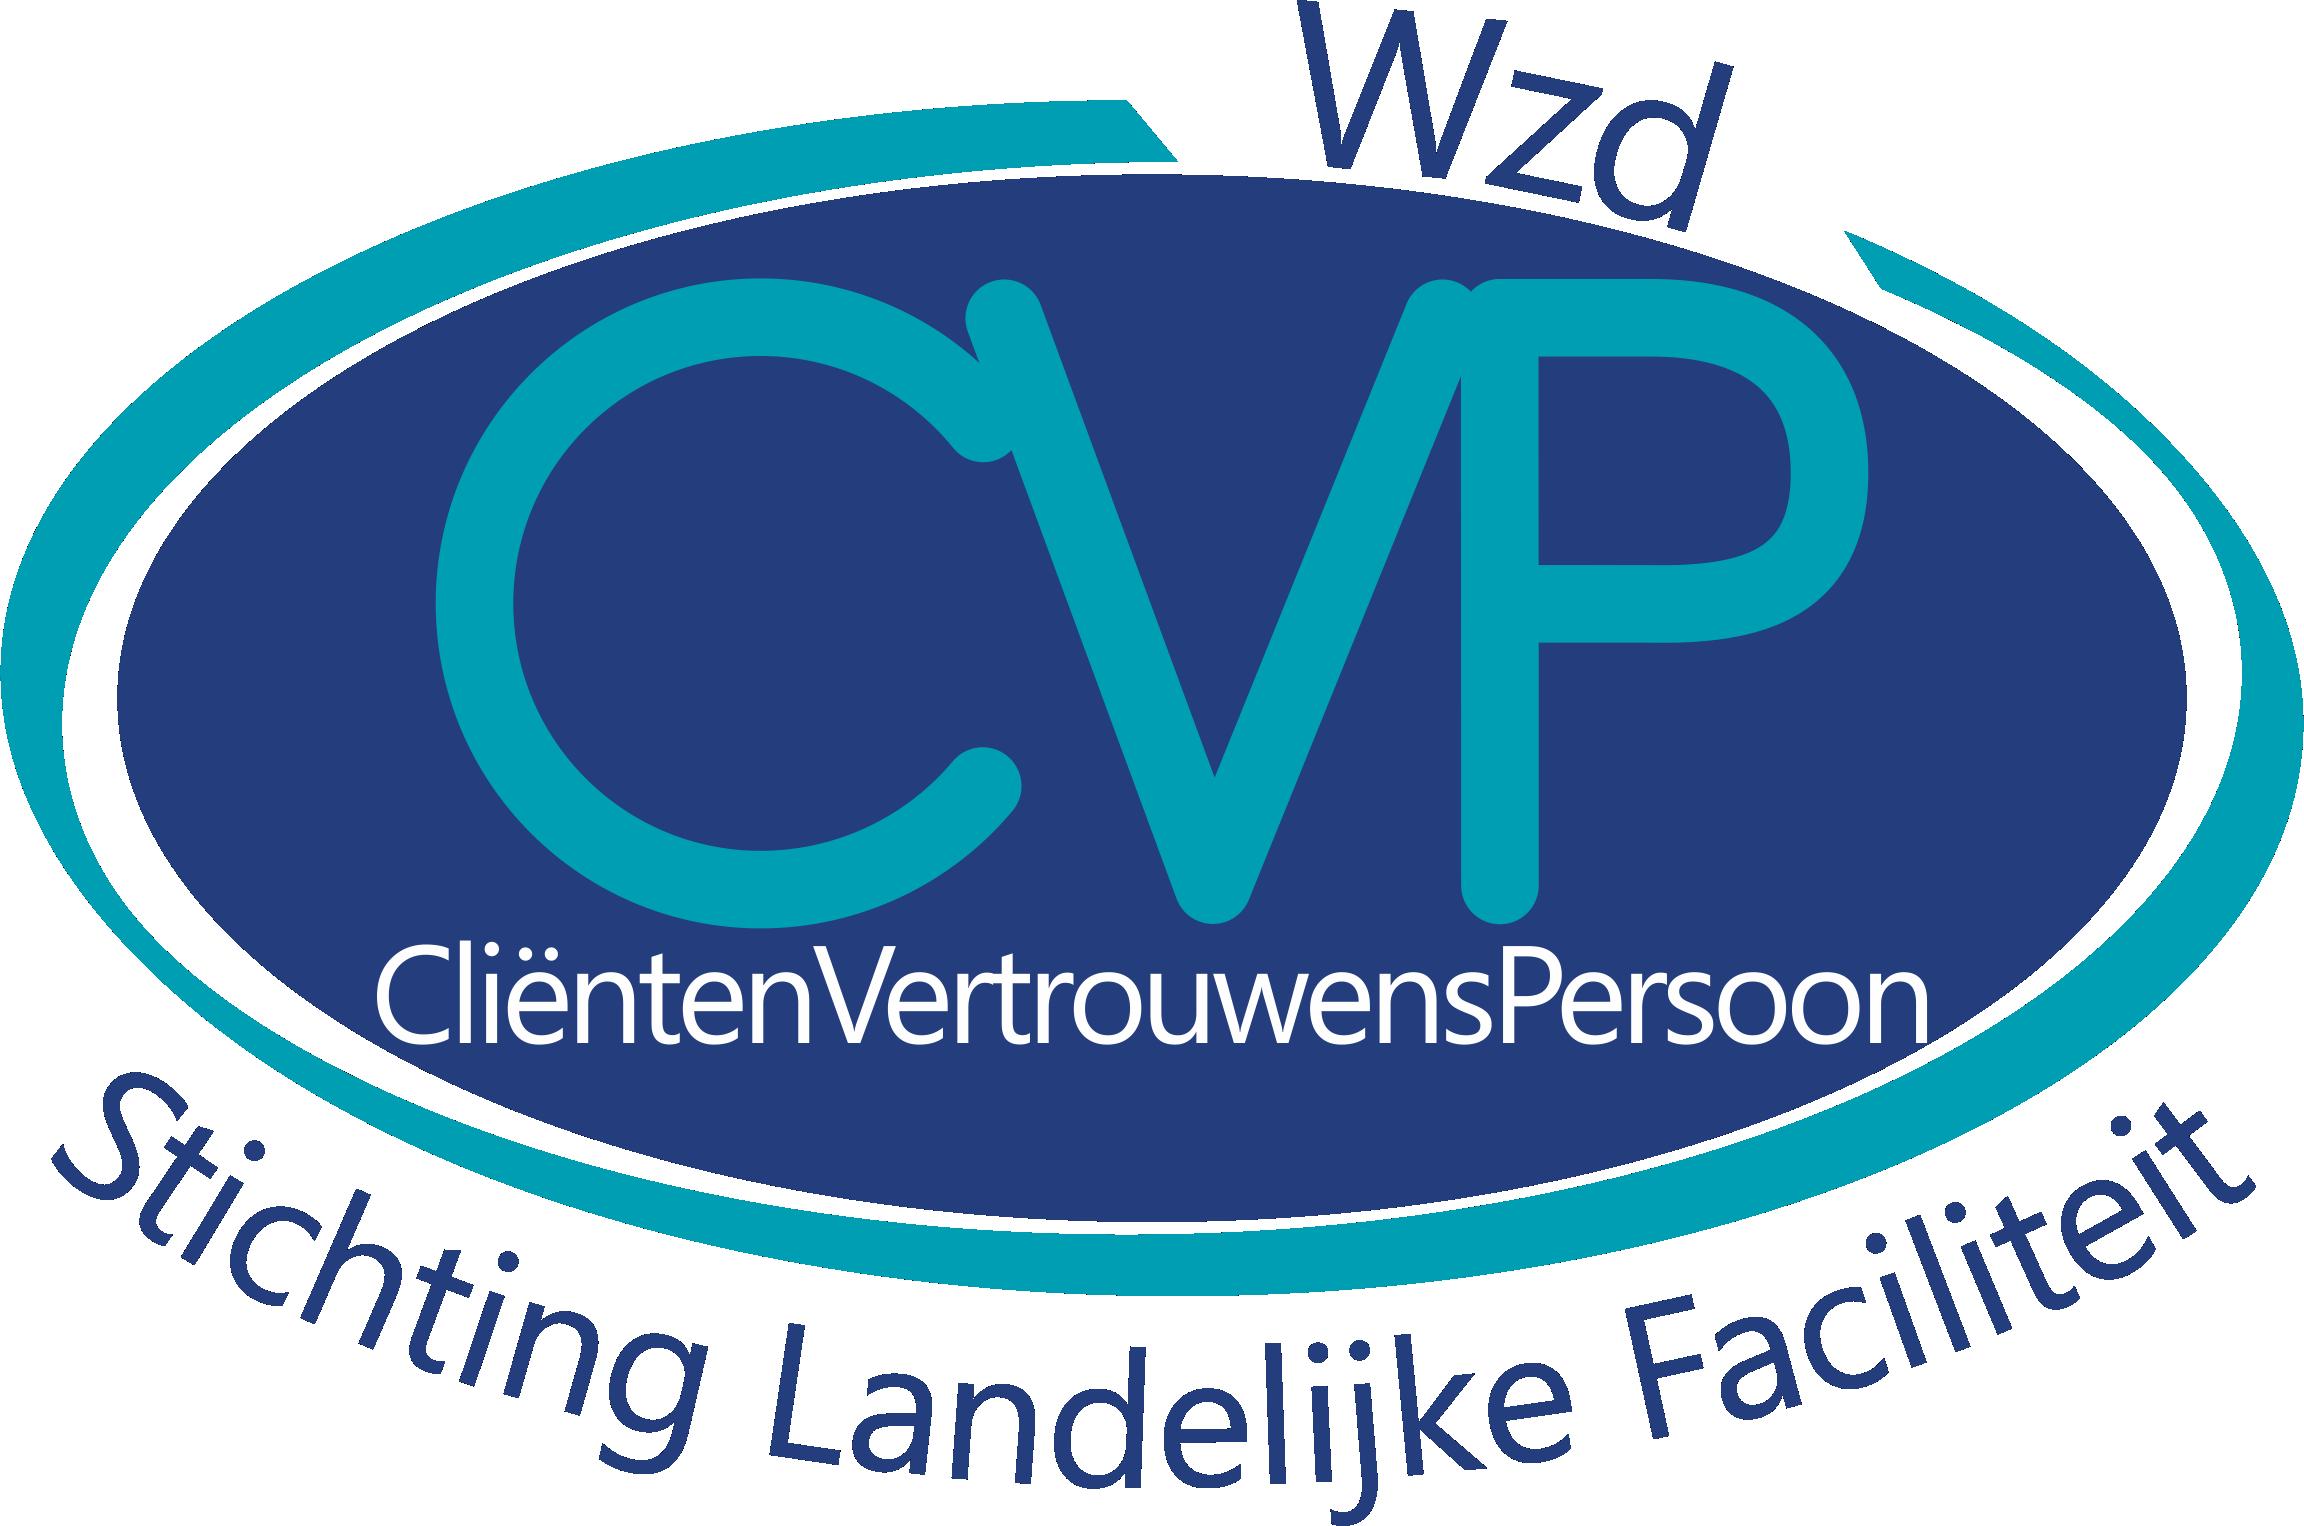 Stichting Landelijke Faciliteit CVP